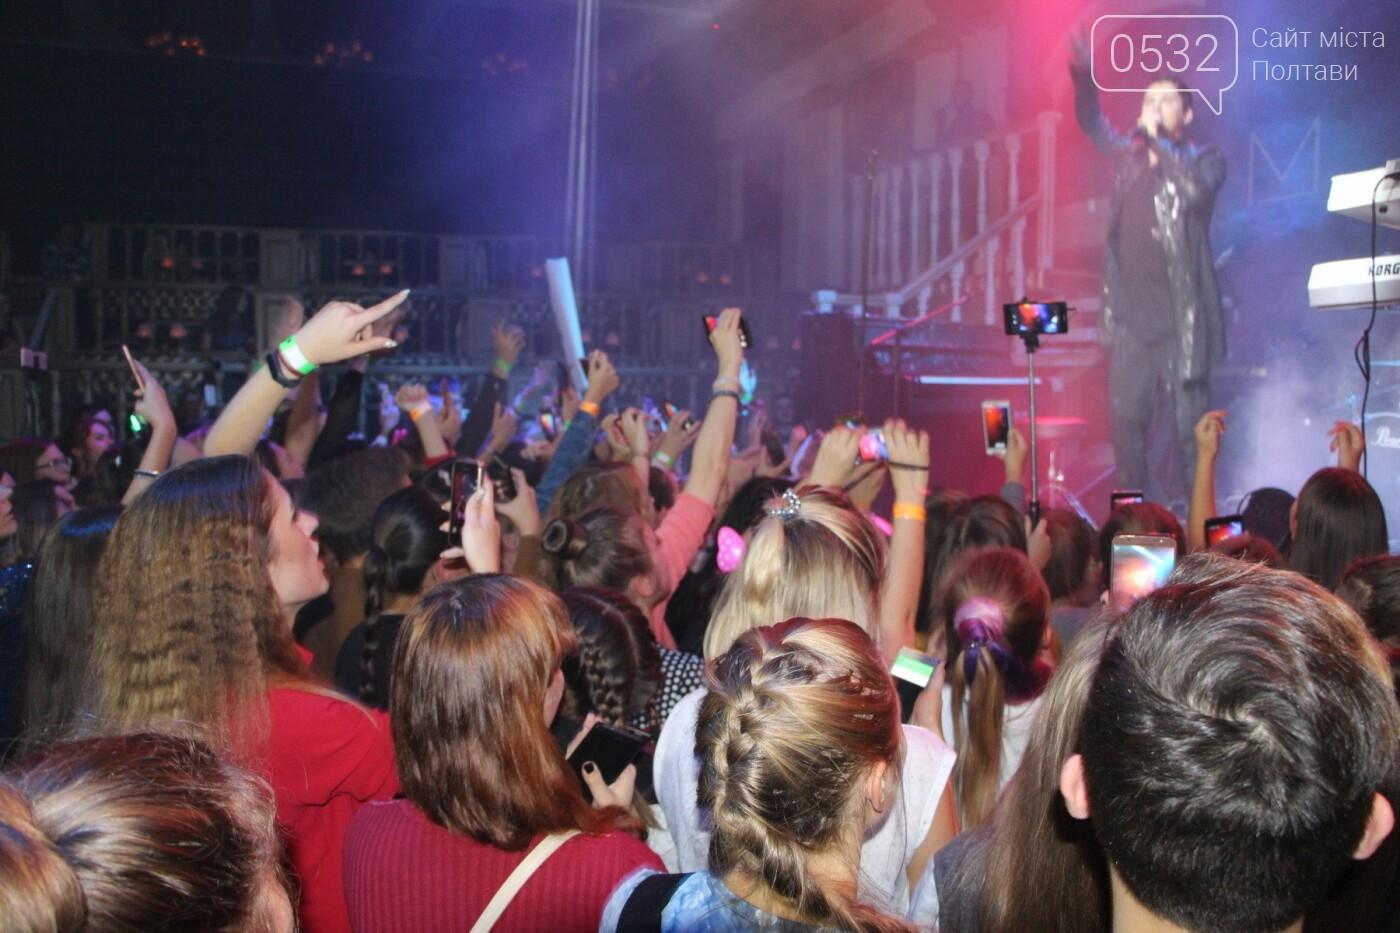 У Полтаві MELOVIN презентував нову пісню та заспівав із сотнями фанатів (ФОТО, ВІДЕО), фото-2